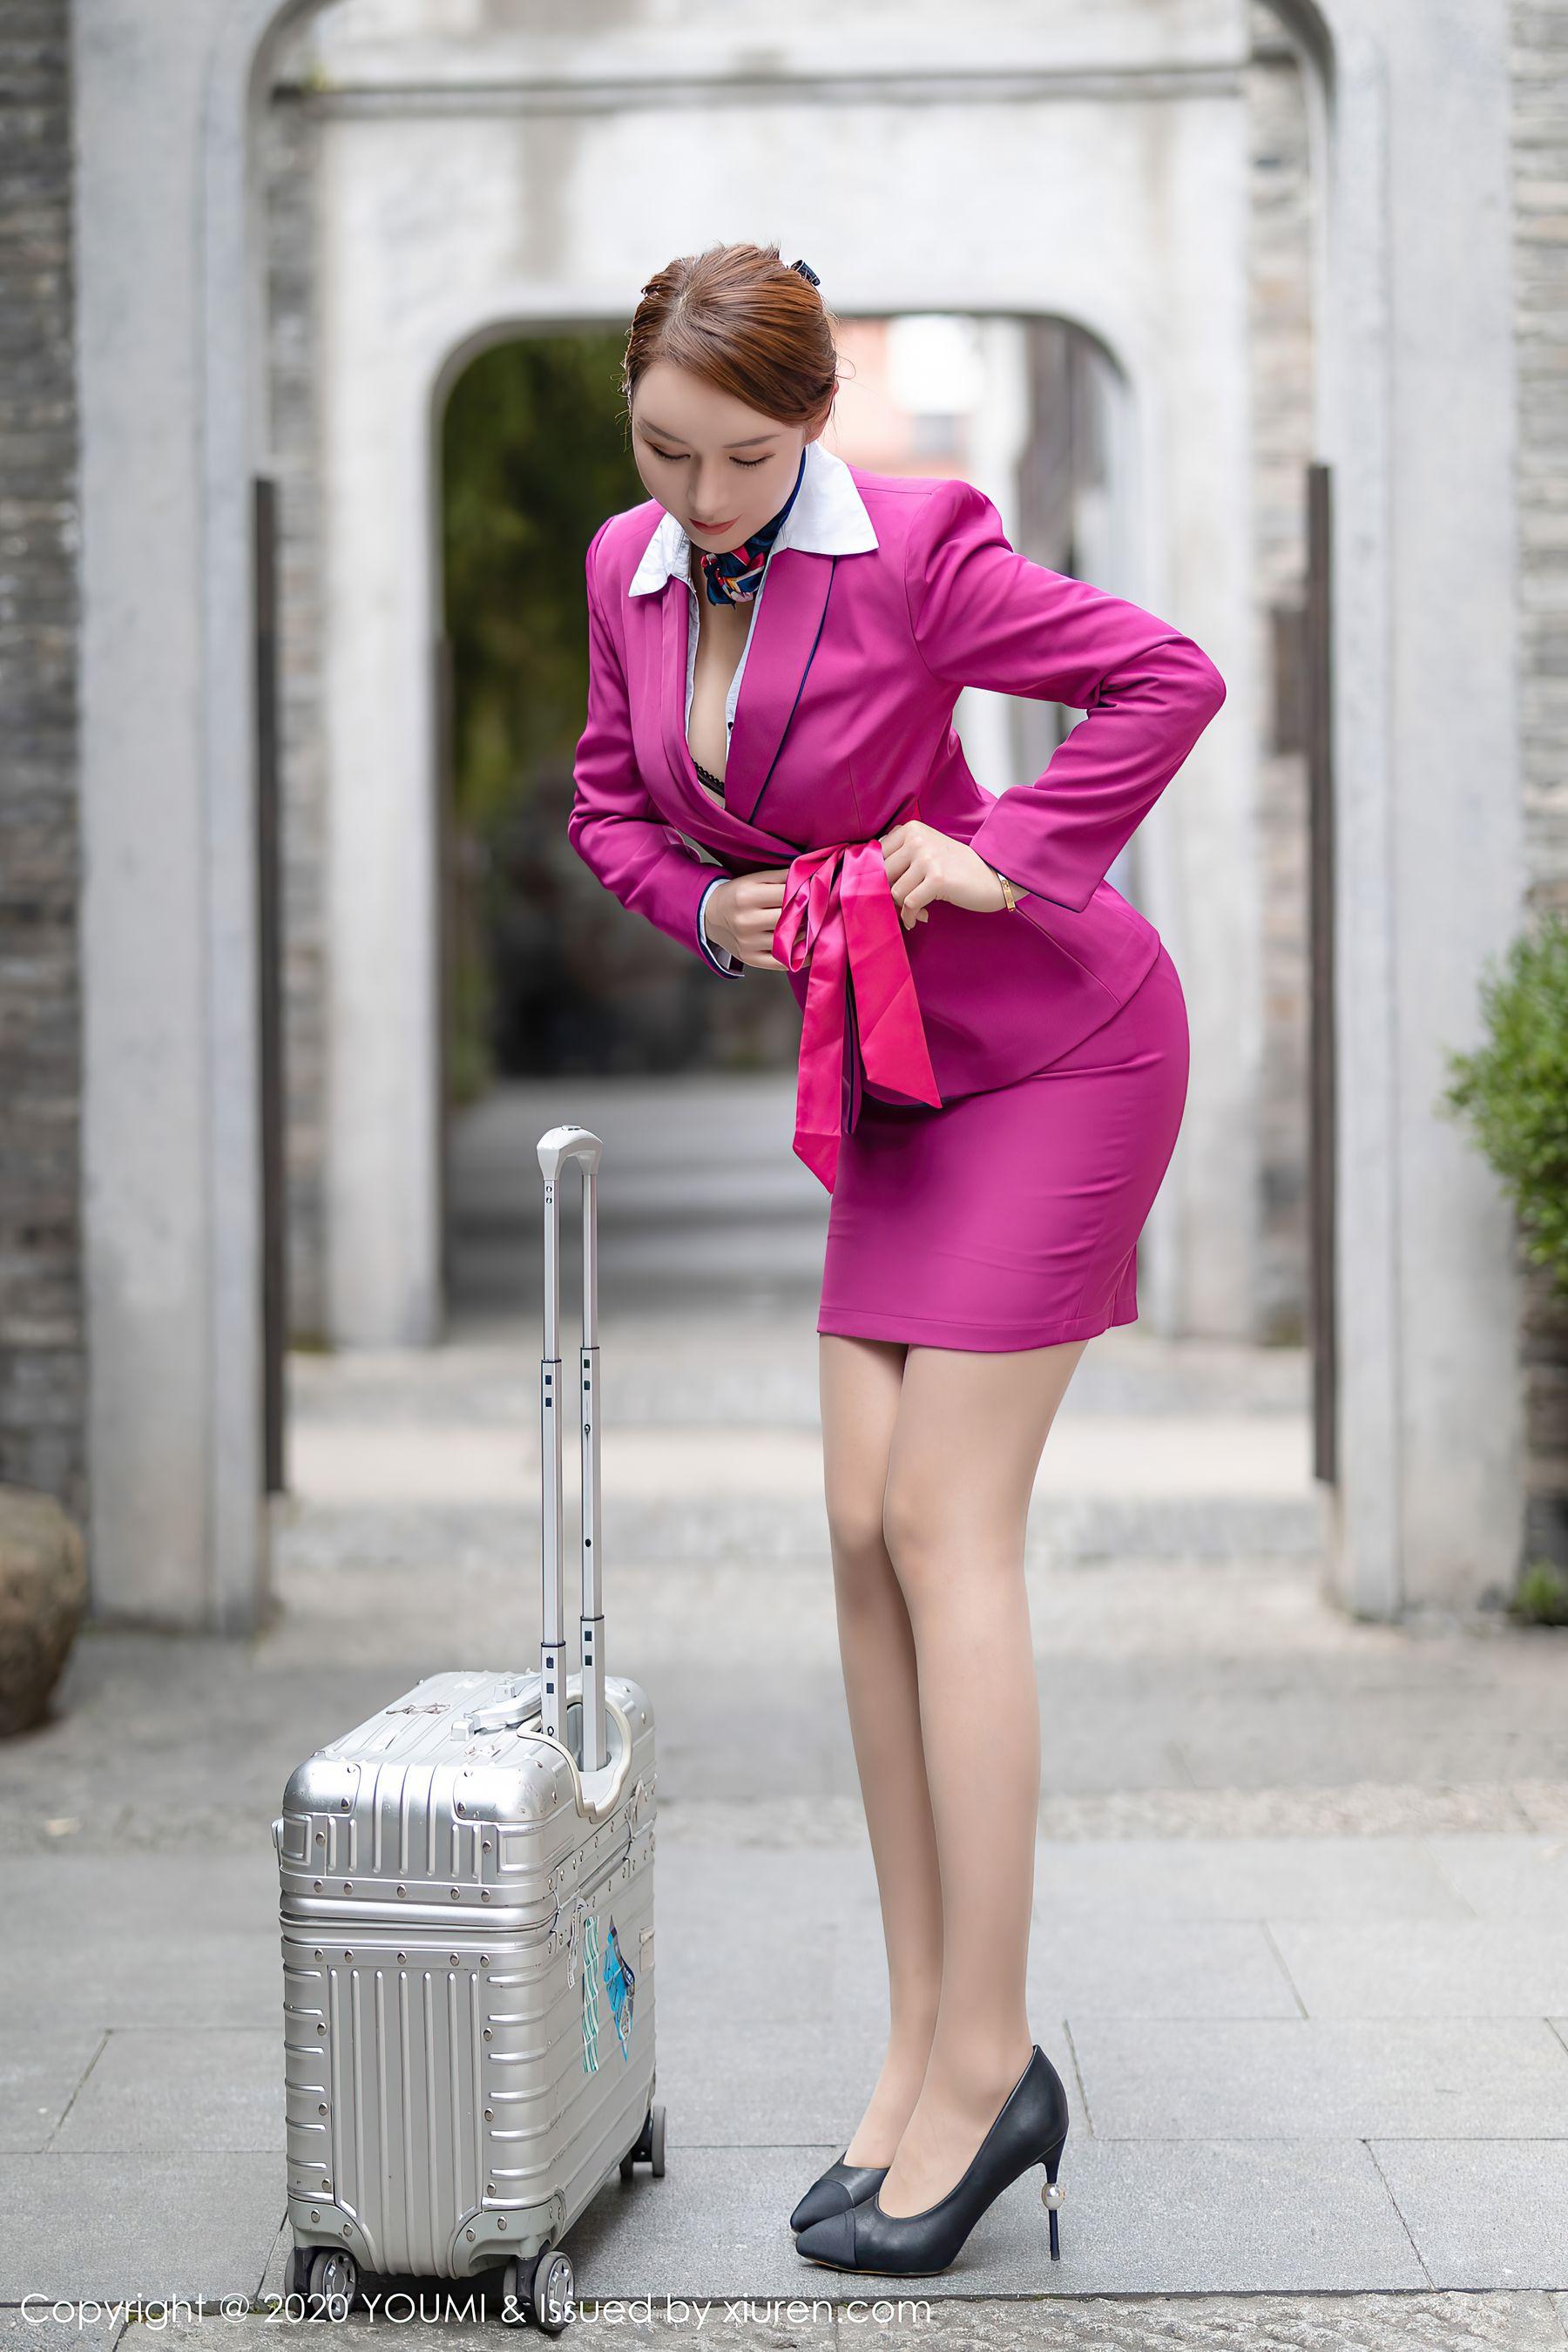 [尤蜜荟]Egg_尤妮丝(肉蛋妹,尤妮丝)Vol.564超高清写真大图片(83P)|989热度